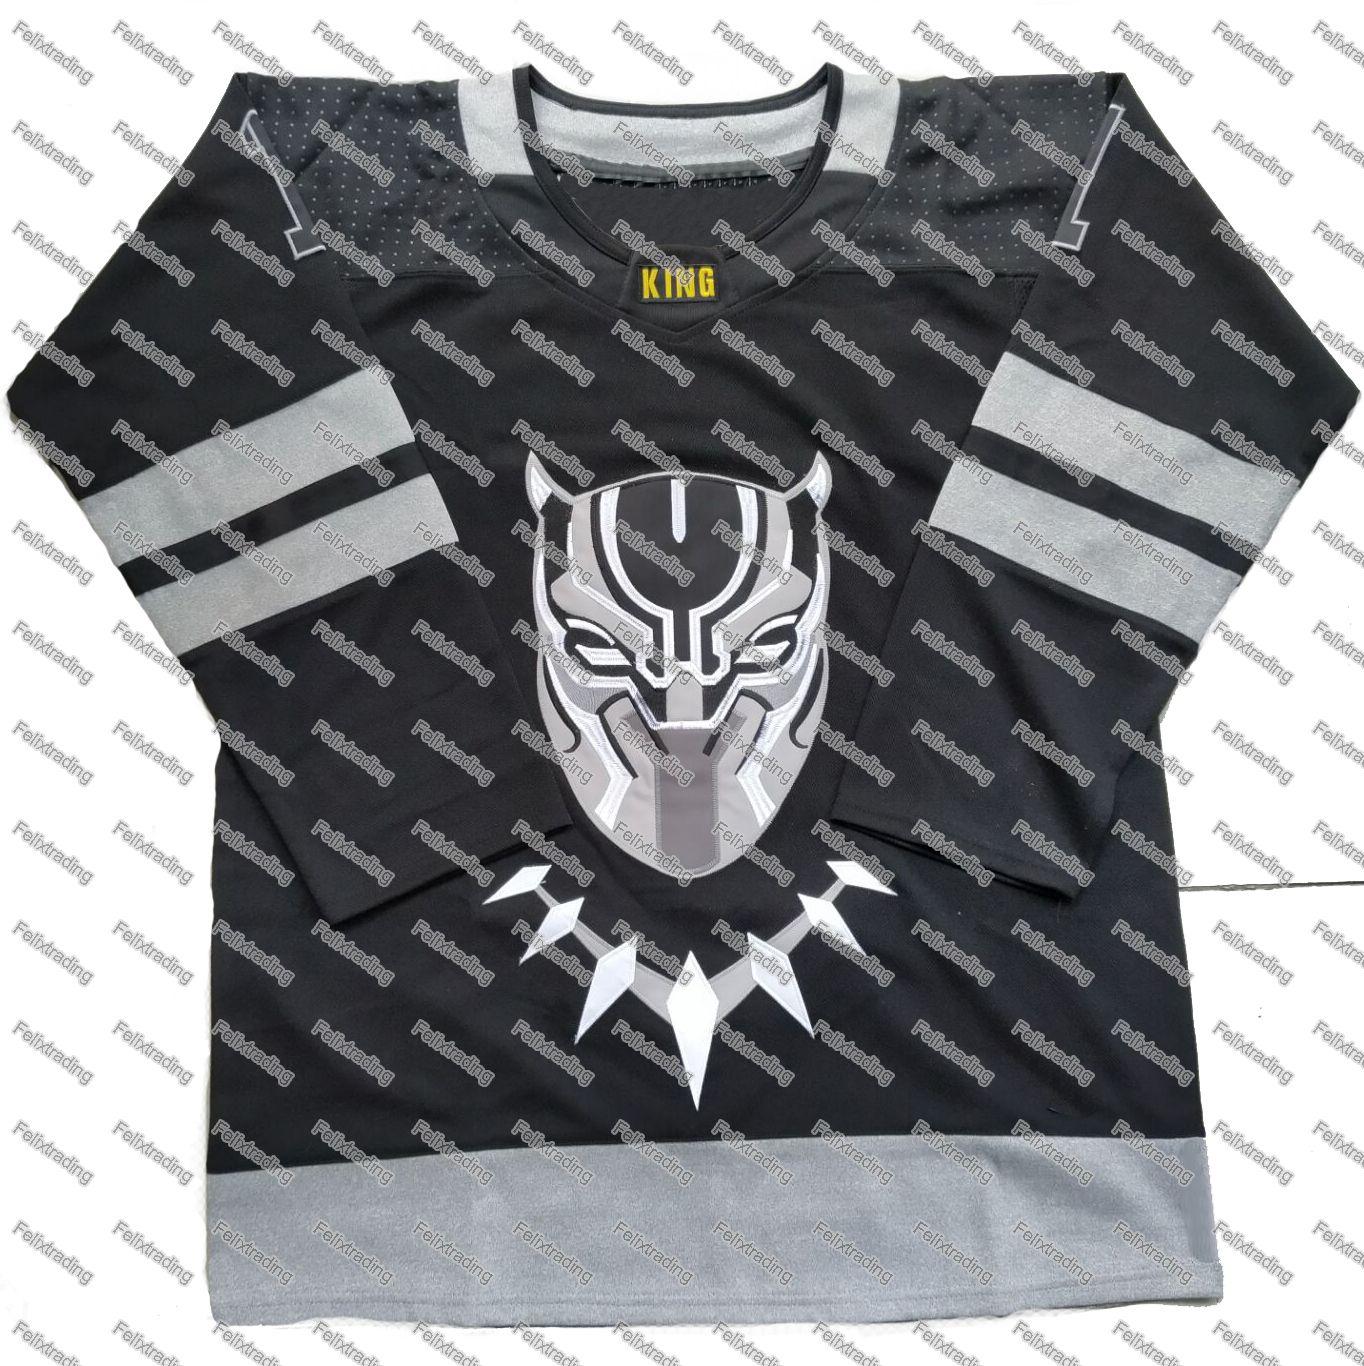 43190aa6c 2019 T Challa  1 The Black Panther Wakanda Hockey Jersey Black Custom Men  Women Youth Hockey Jerseys From Felixtrading